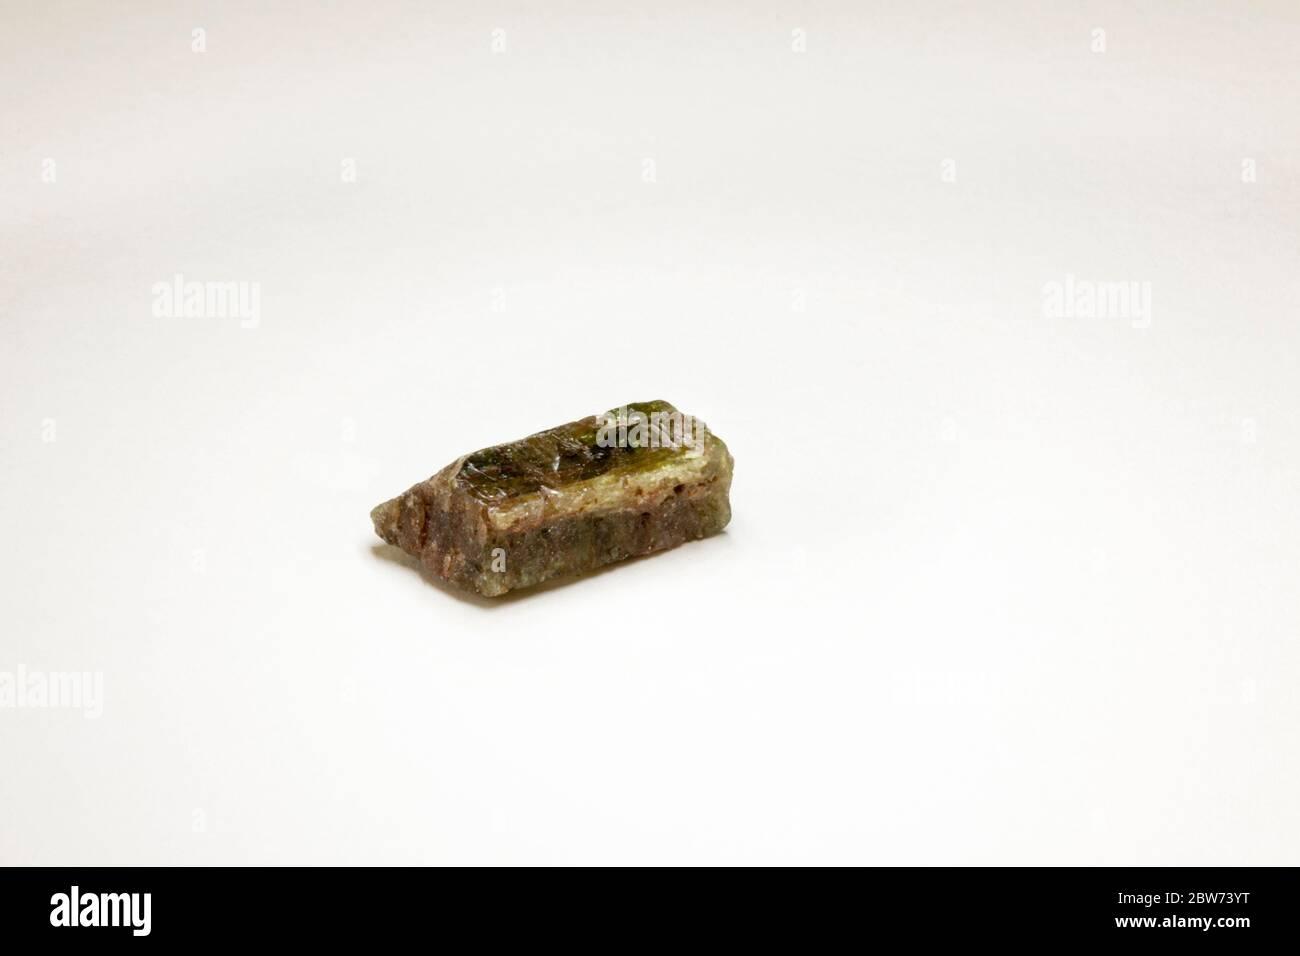 Mineral de Apatite de Canadá, que forma parte de la escala de dureza de MOH (número 5) Foto de stock